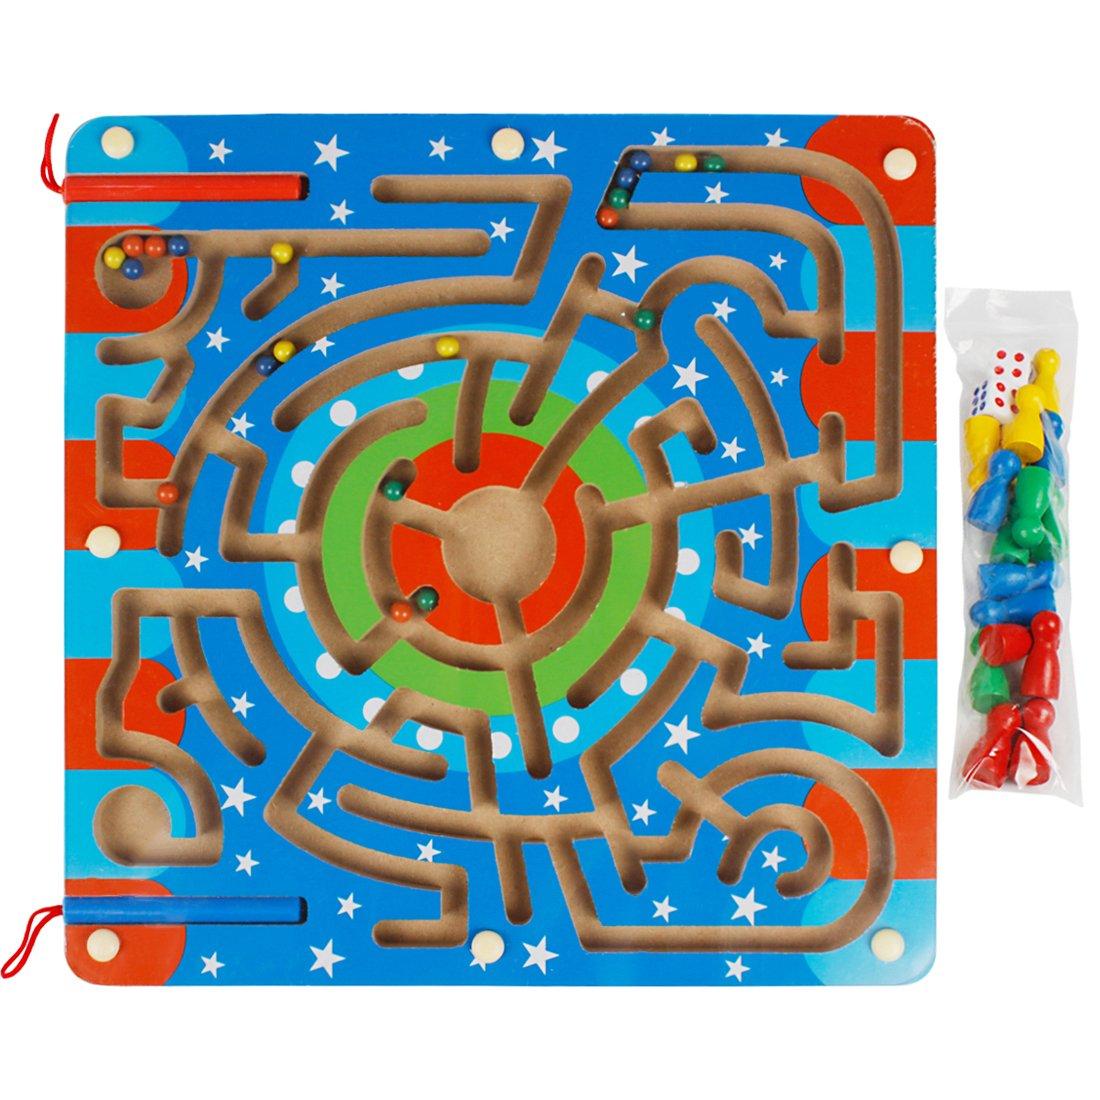 Andux Zone 2 en 1 Madera Laberinto Magnético Puzzle Maze Juego de Tablero de Madera Ajedrez de vuelo Animales Número Laberinto Juguetes para niños CXMG-01 (Estrellas): Amazon.es: Juguetes y juegos